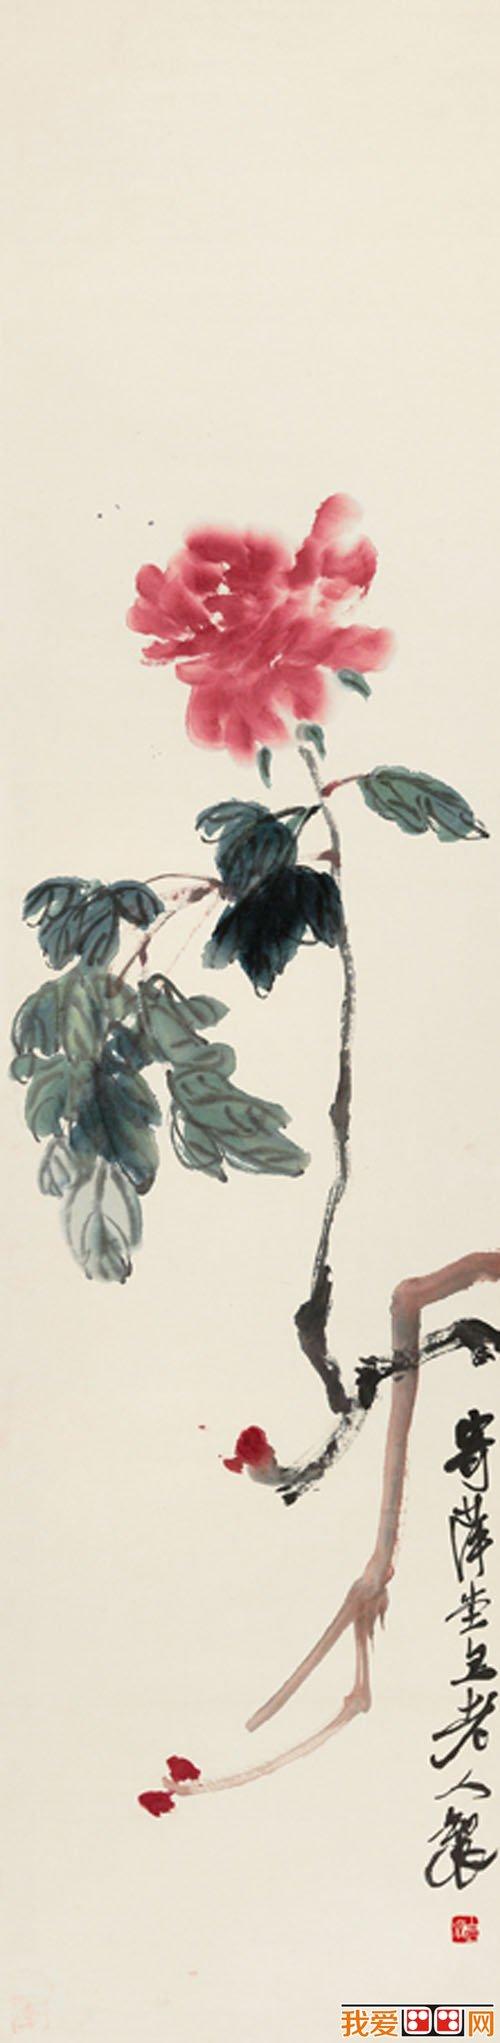 齐白石国画花卉作品赏析(5)